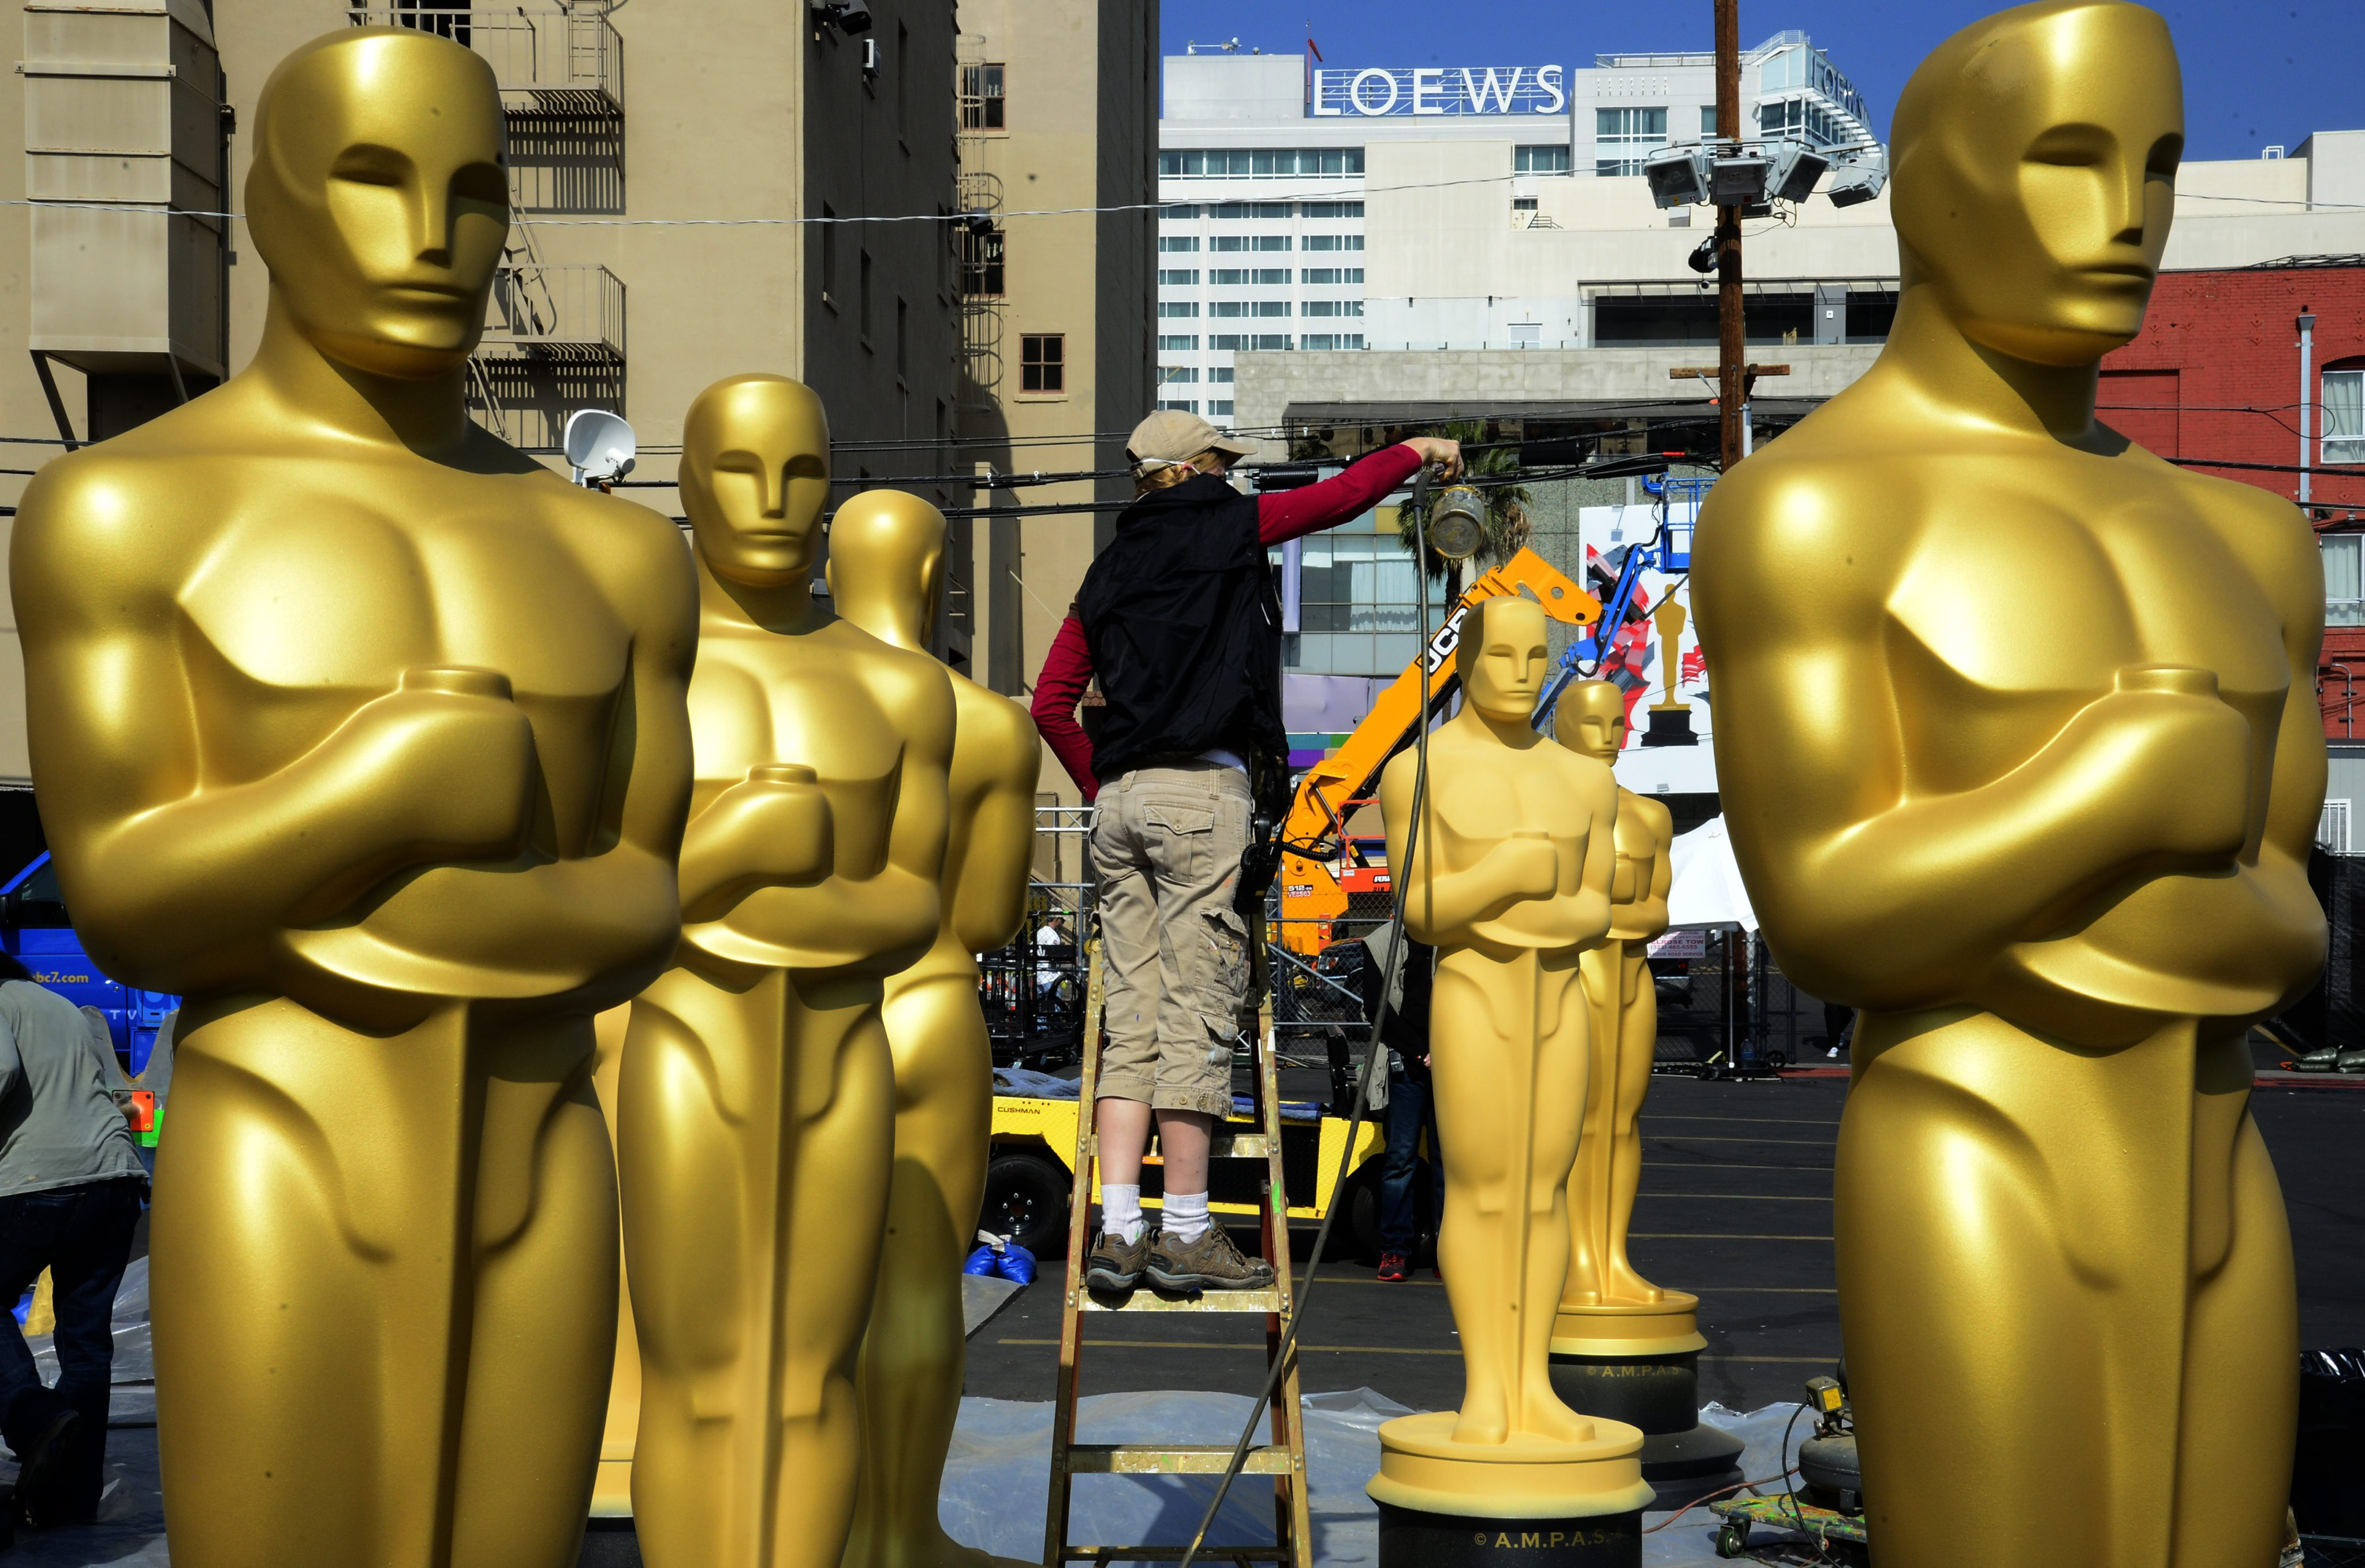 Un operario trabajaba ayer en los preparativos para la ceremonia de los Oscars que tendrá lugar hoy. / Michael Nelson (Efe)